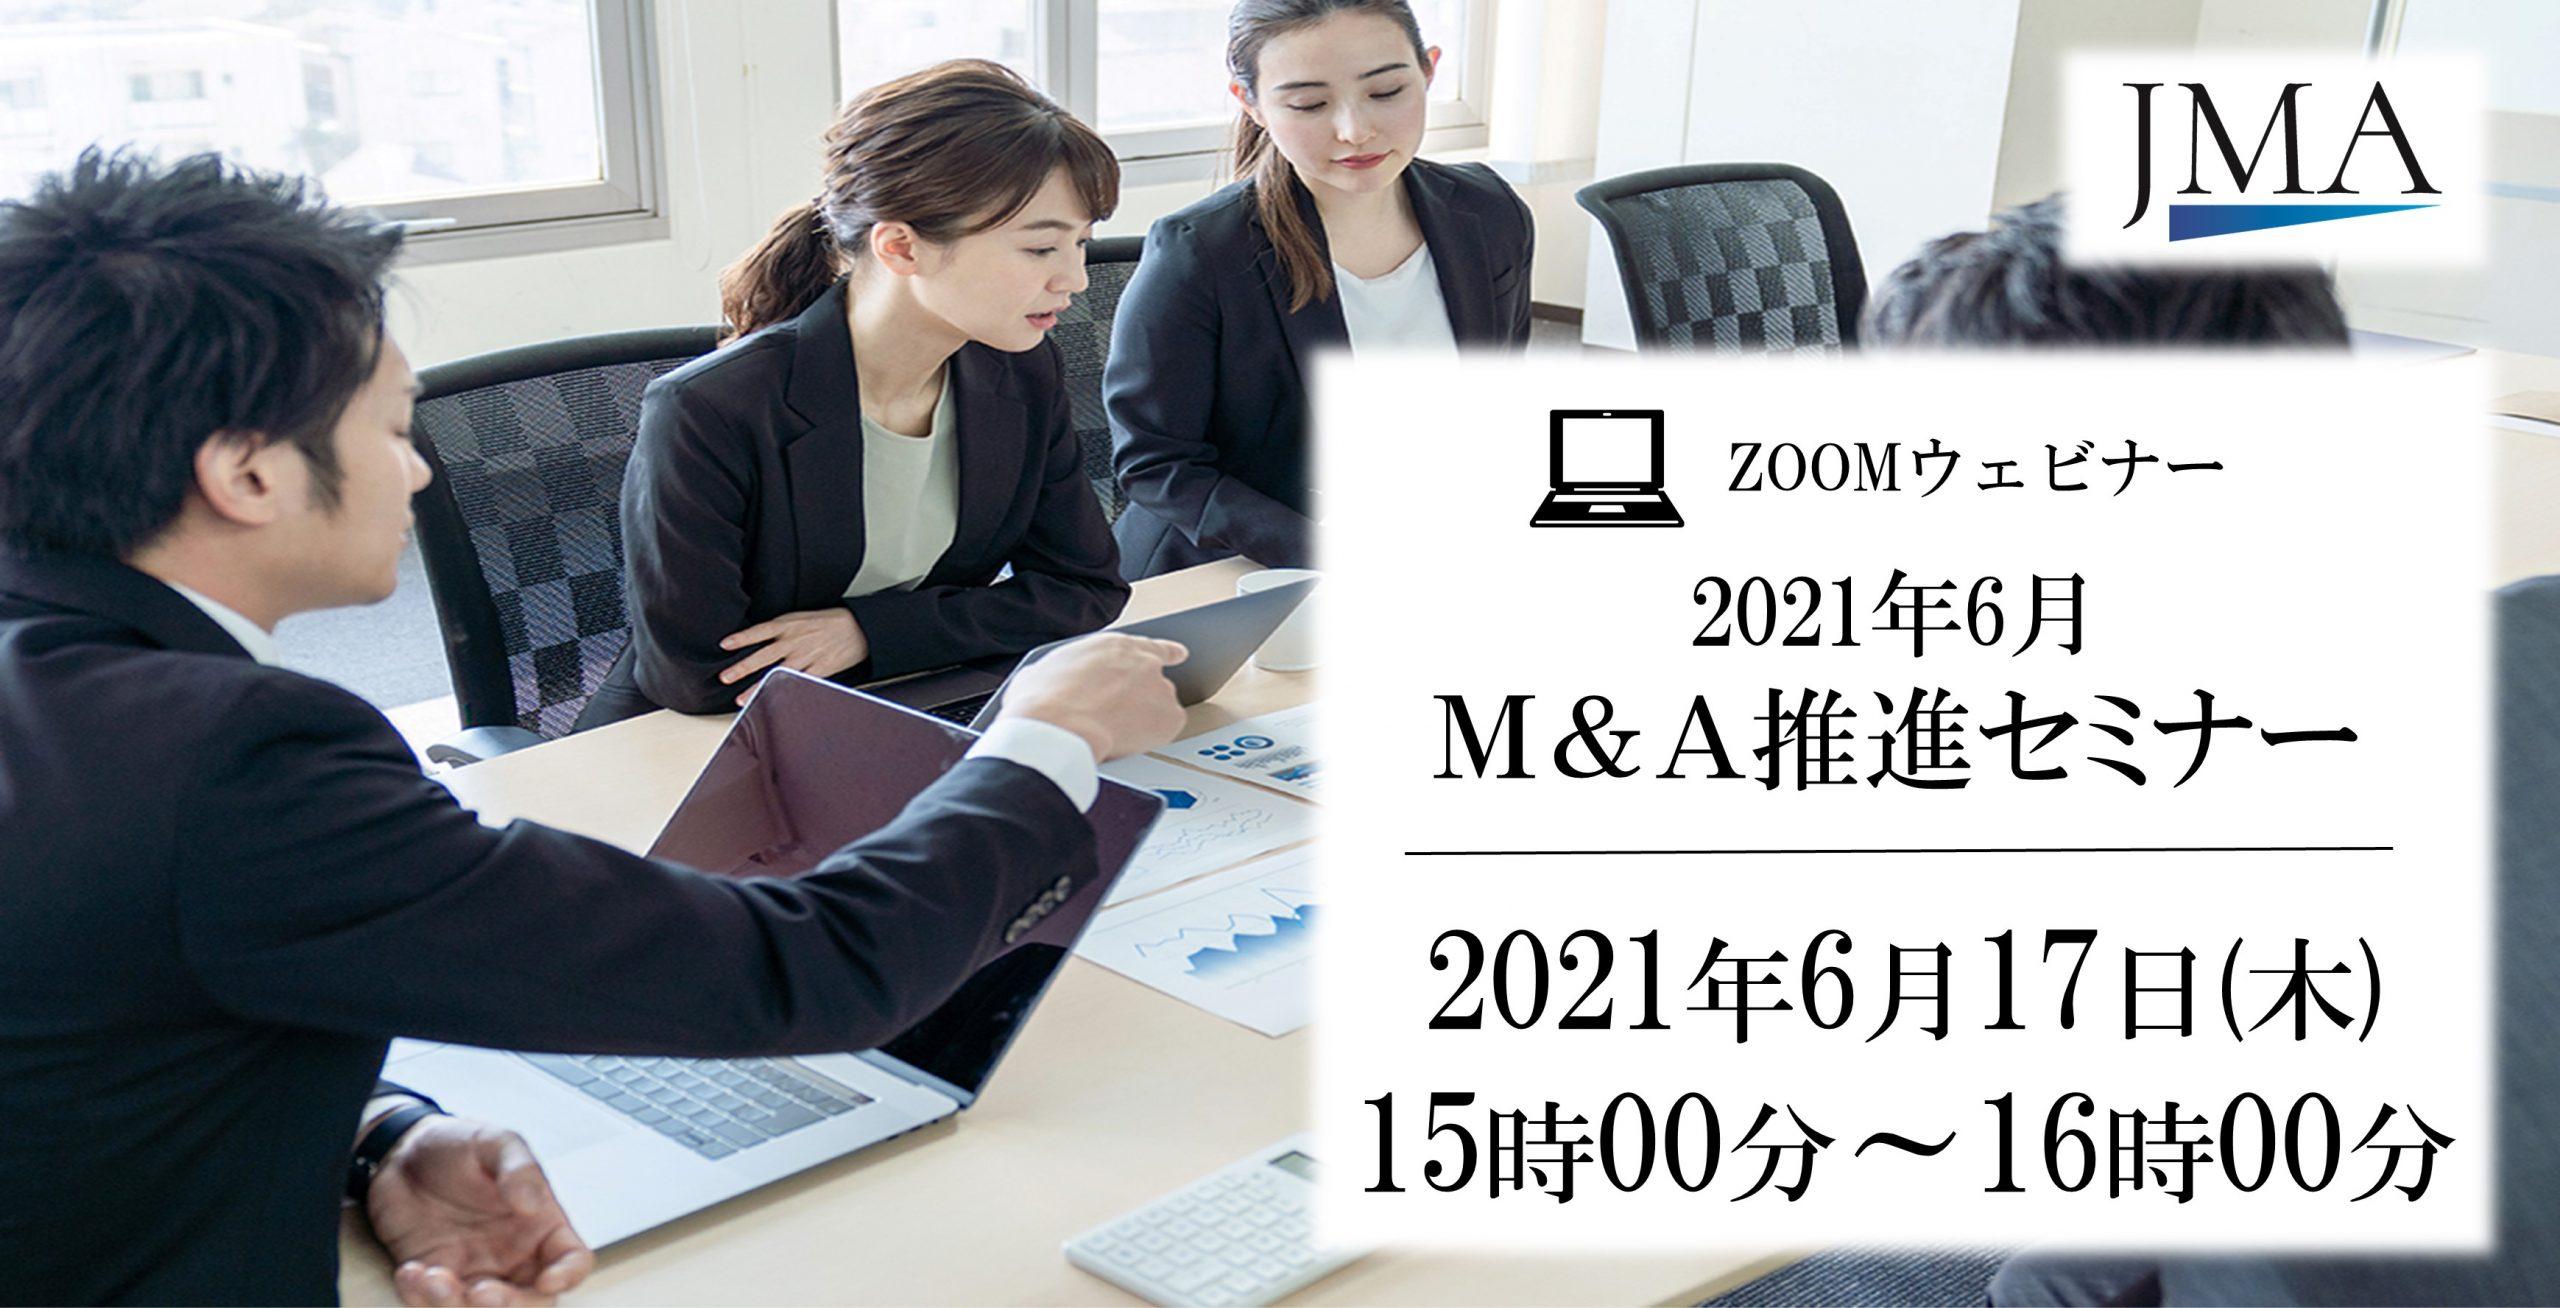 2021年6月 M&A推進セミナー